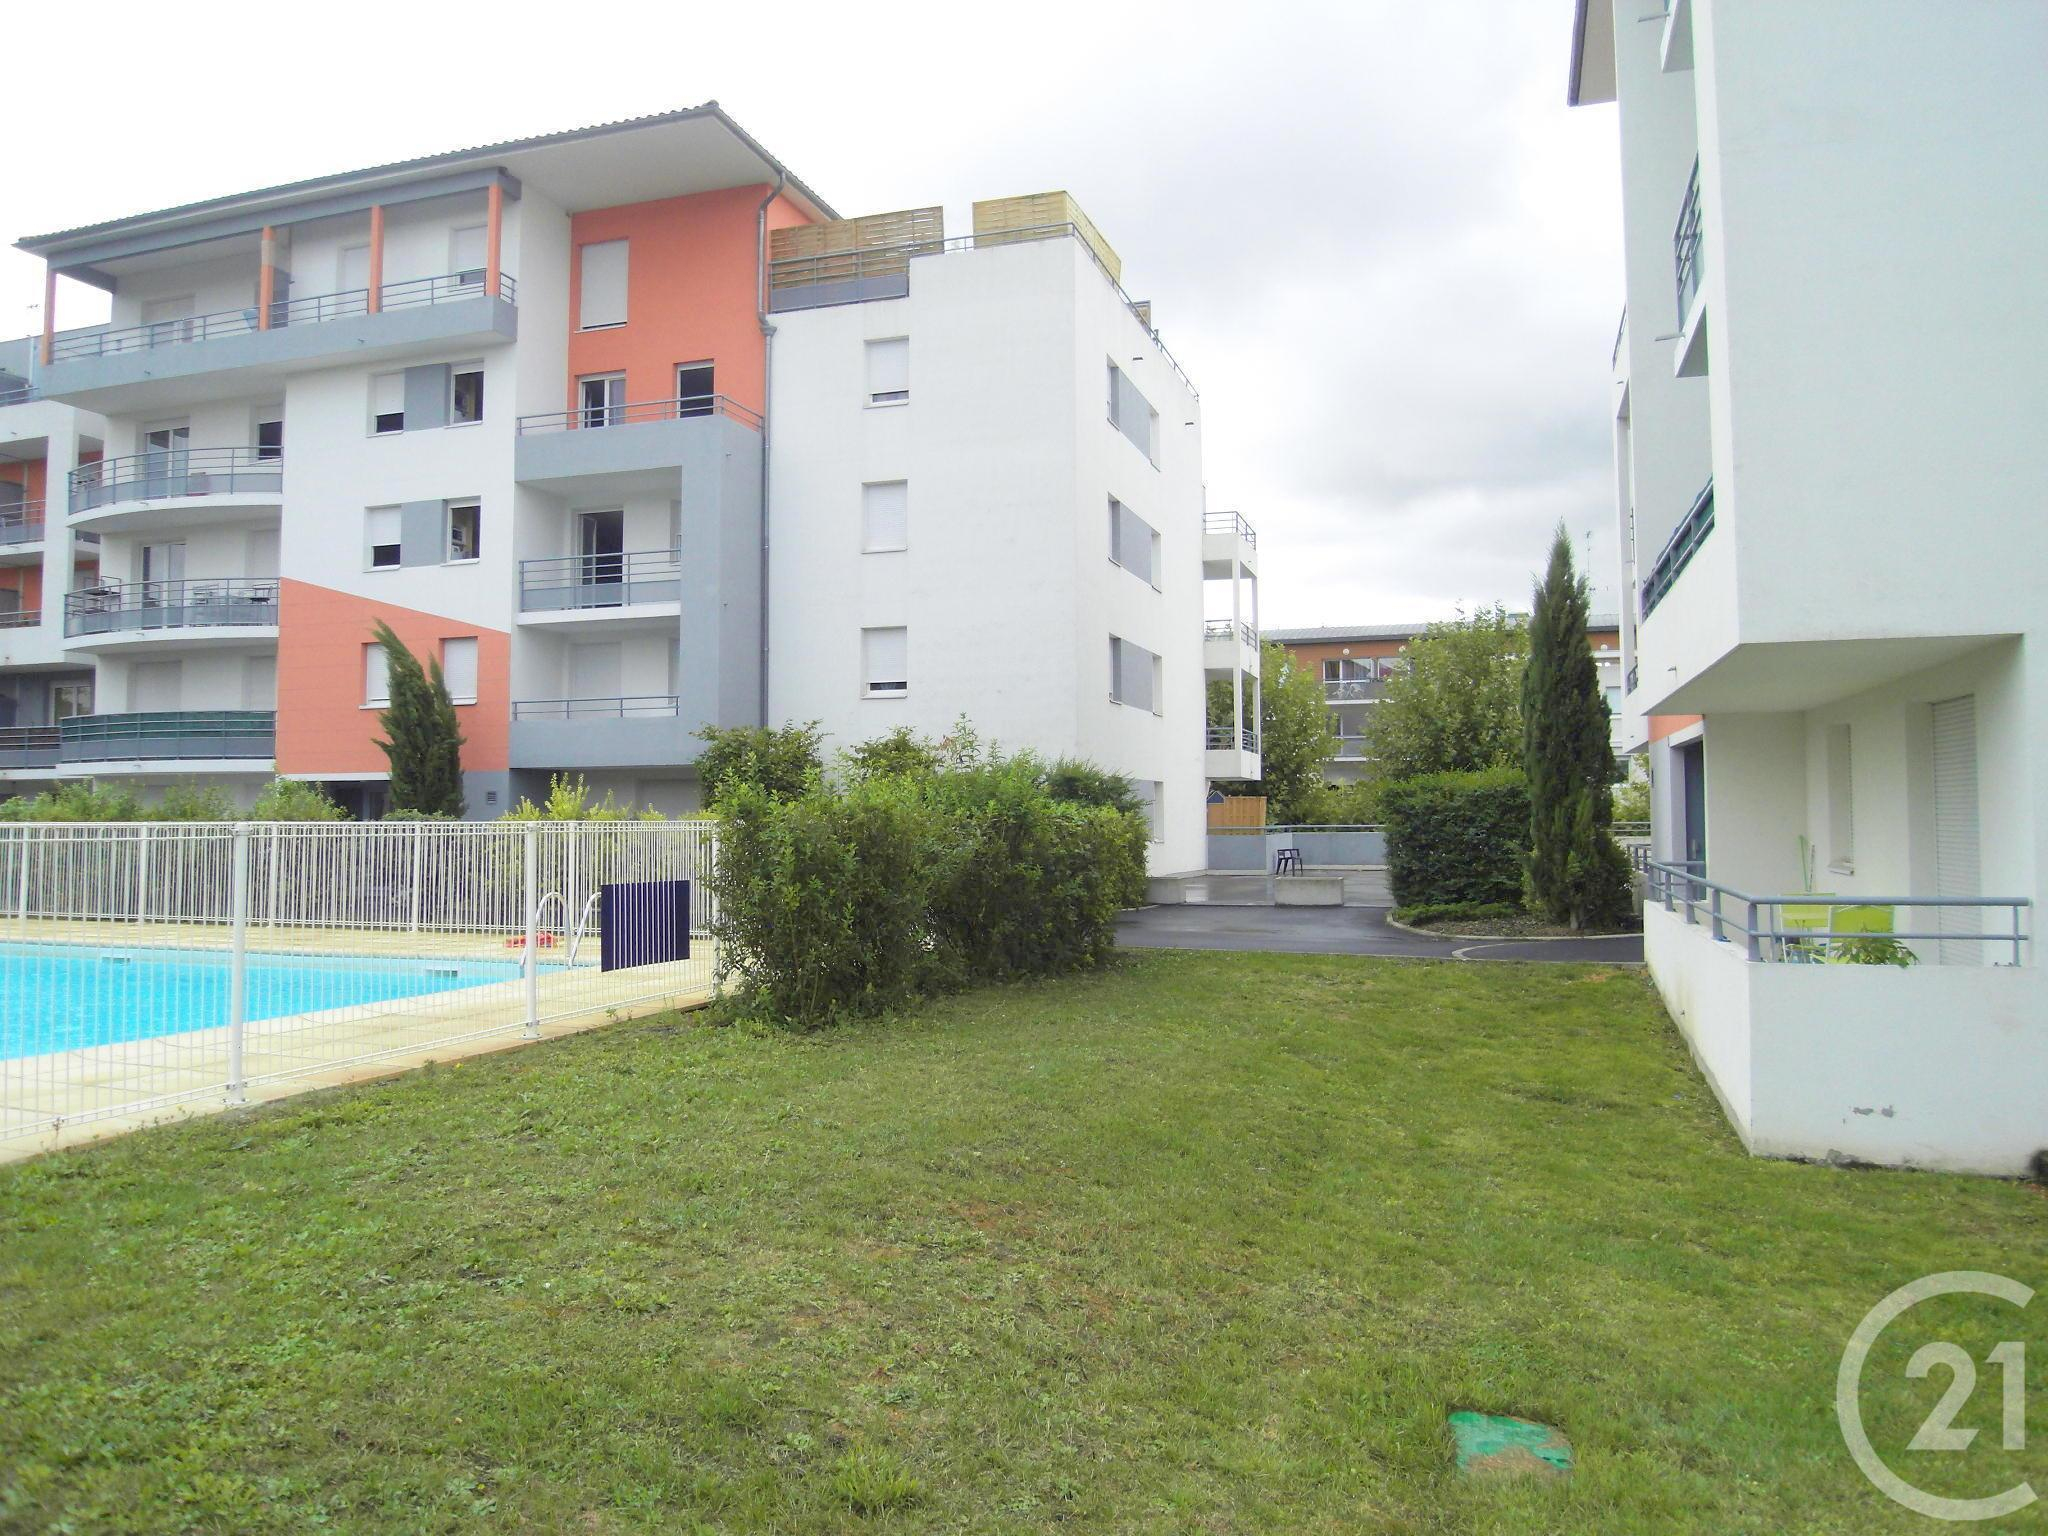 Appartement F3 3 Pièces À Louer – Cournon D Auvergne (63800 ... avec Piscine Cournon